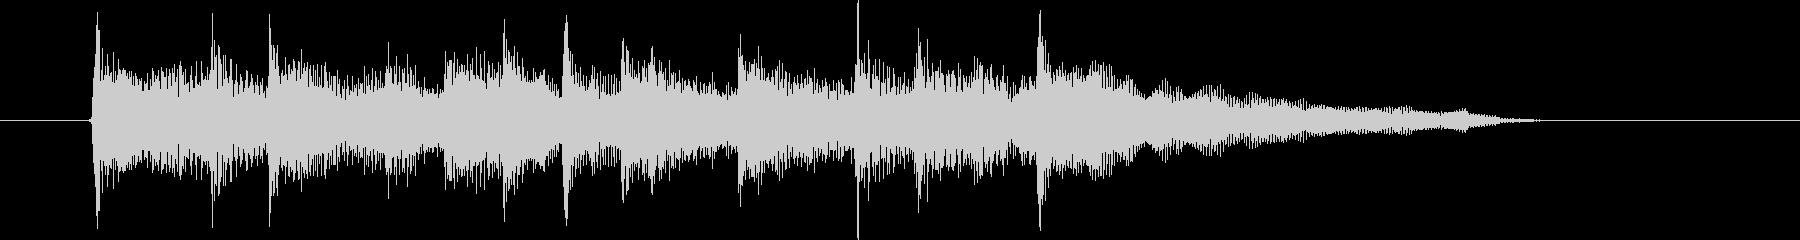 オルゴールのような落ち着きのあるバラードの未再生の波形